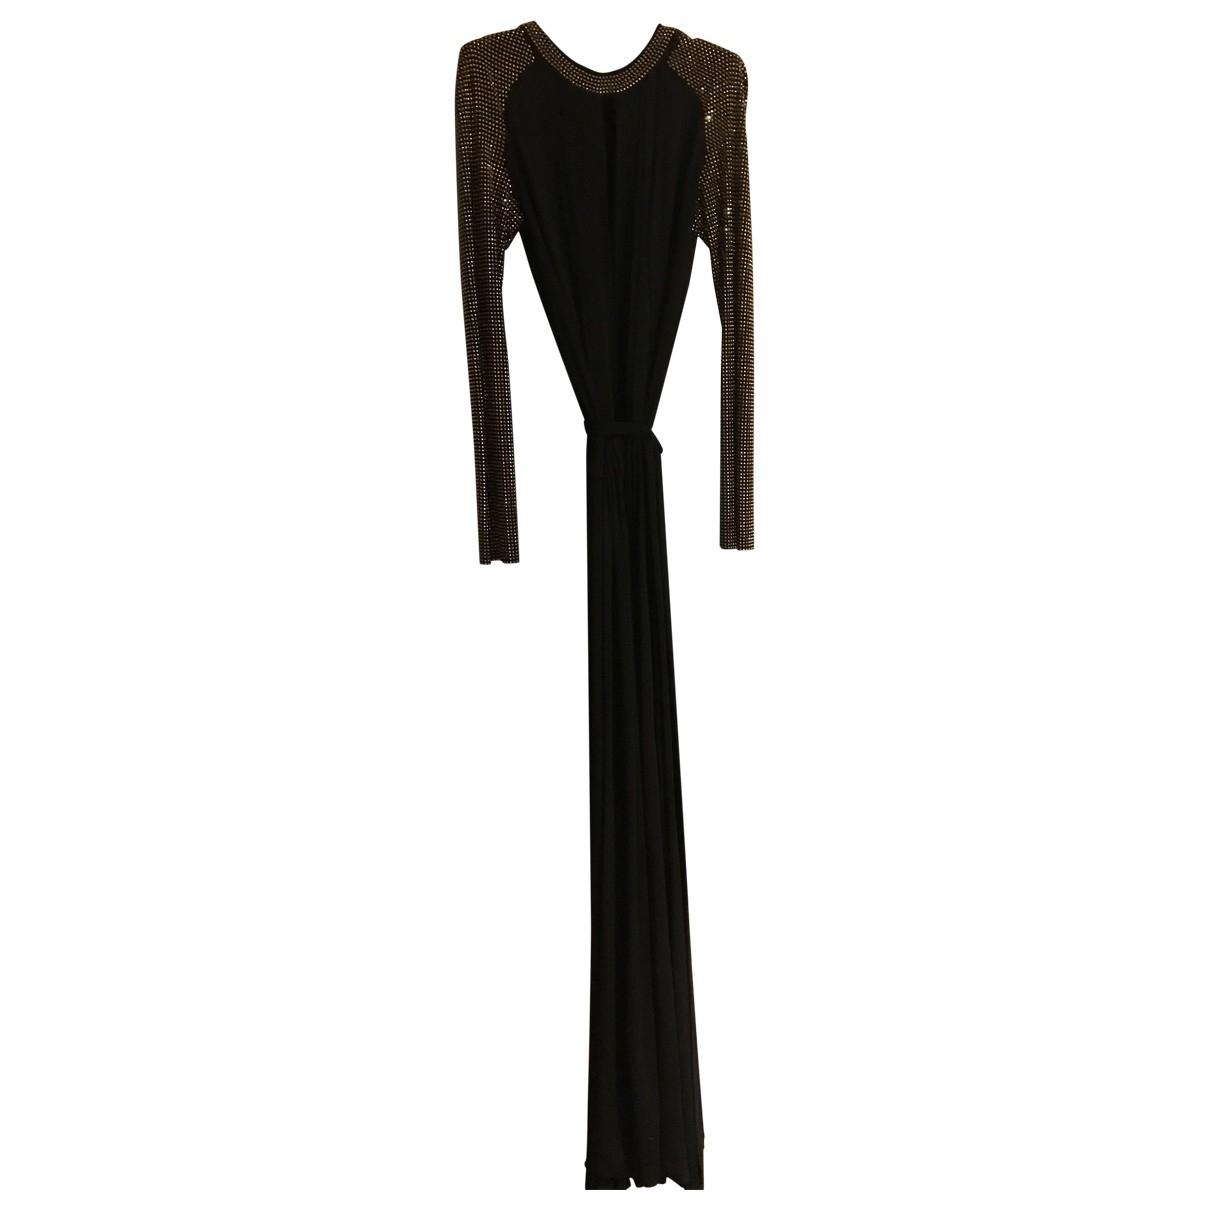 Just Cavalli \N Kleid in  Schwarz Polyester